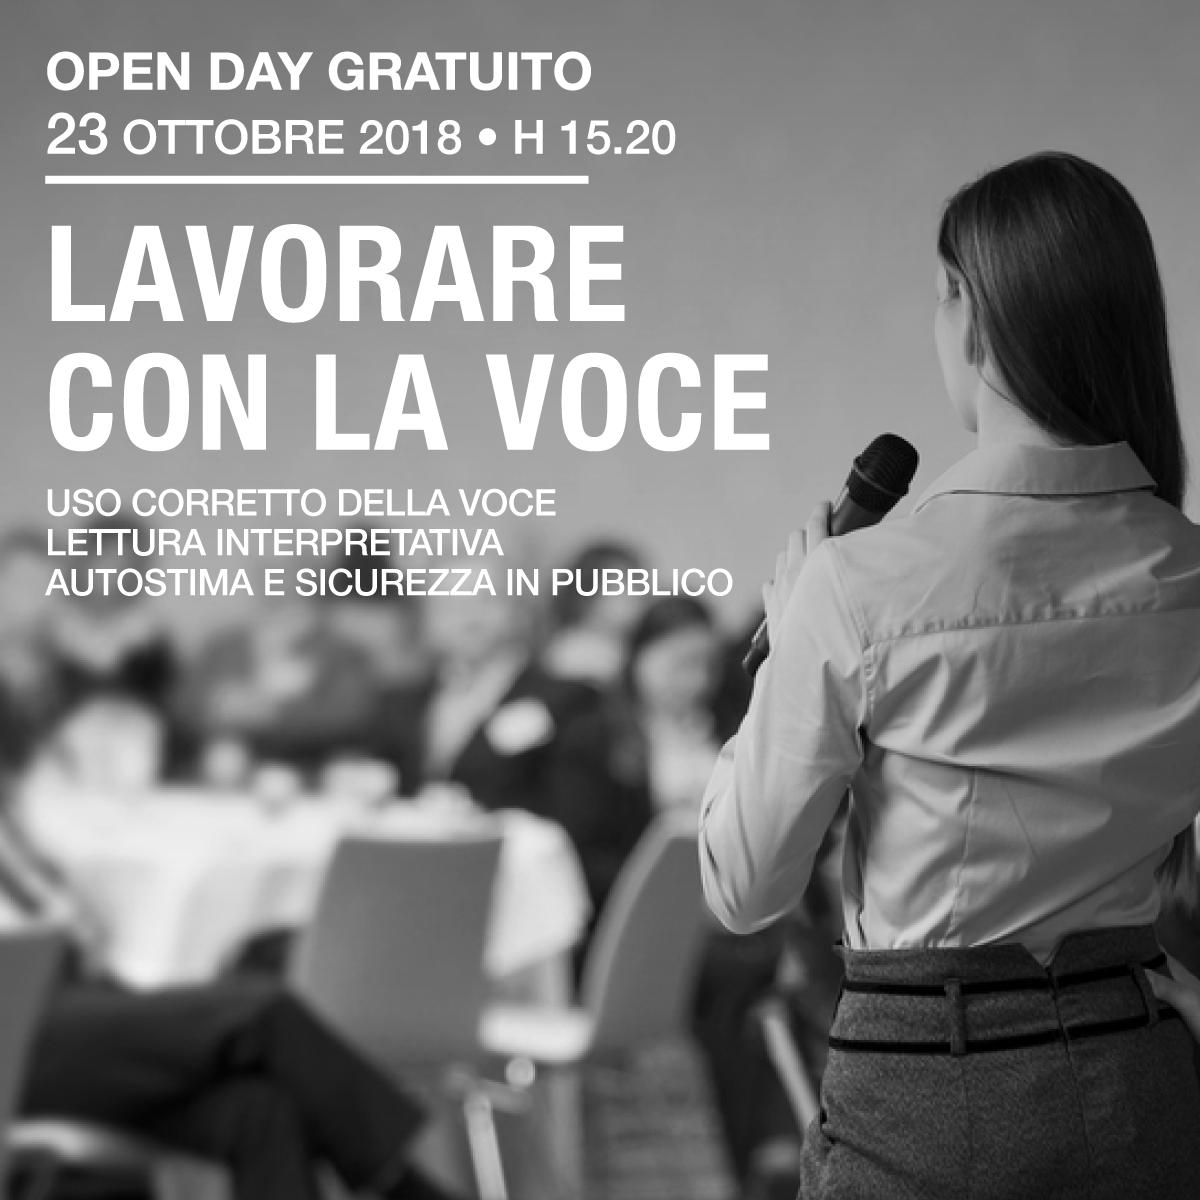 Lavorare con la voce - open day gratuito